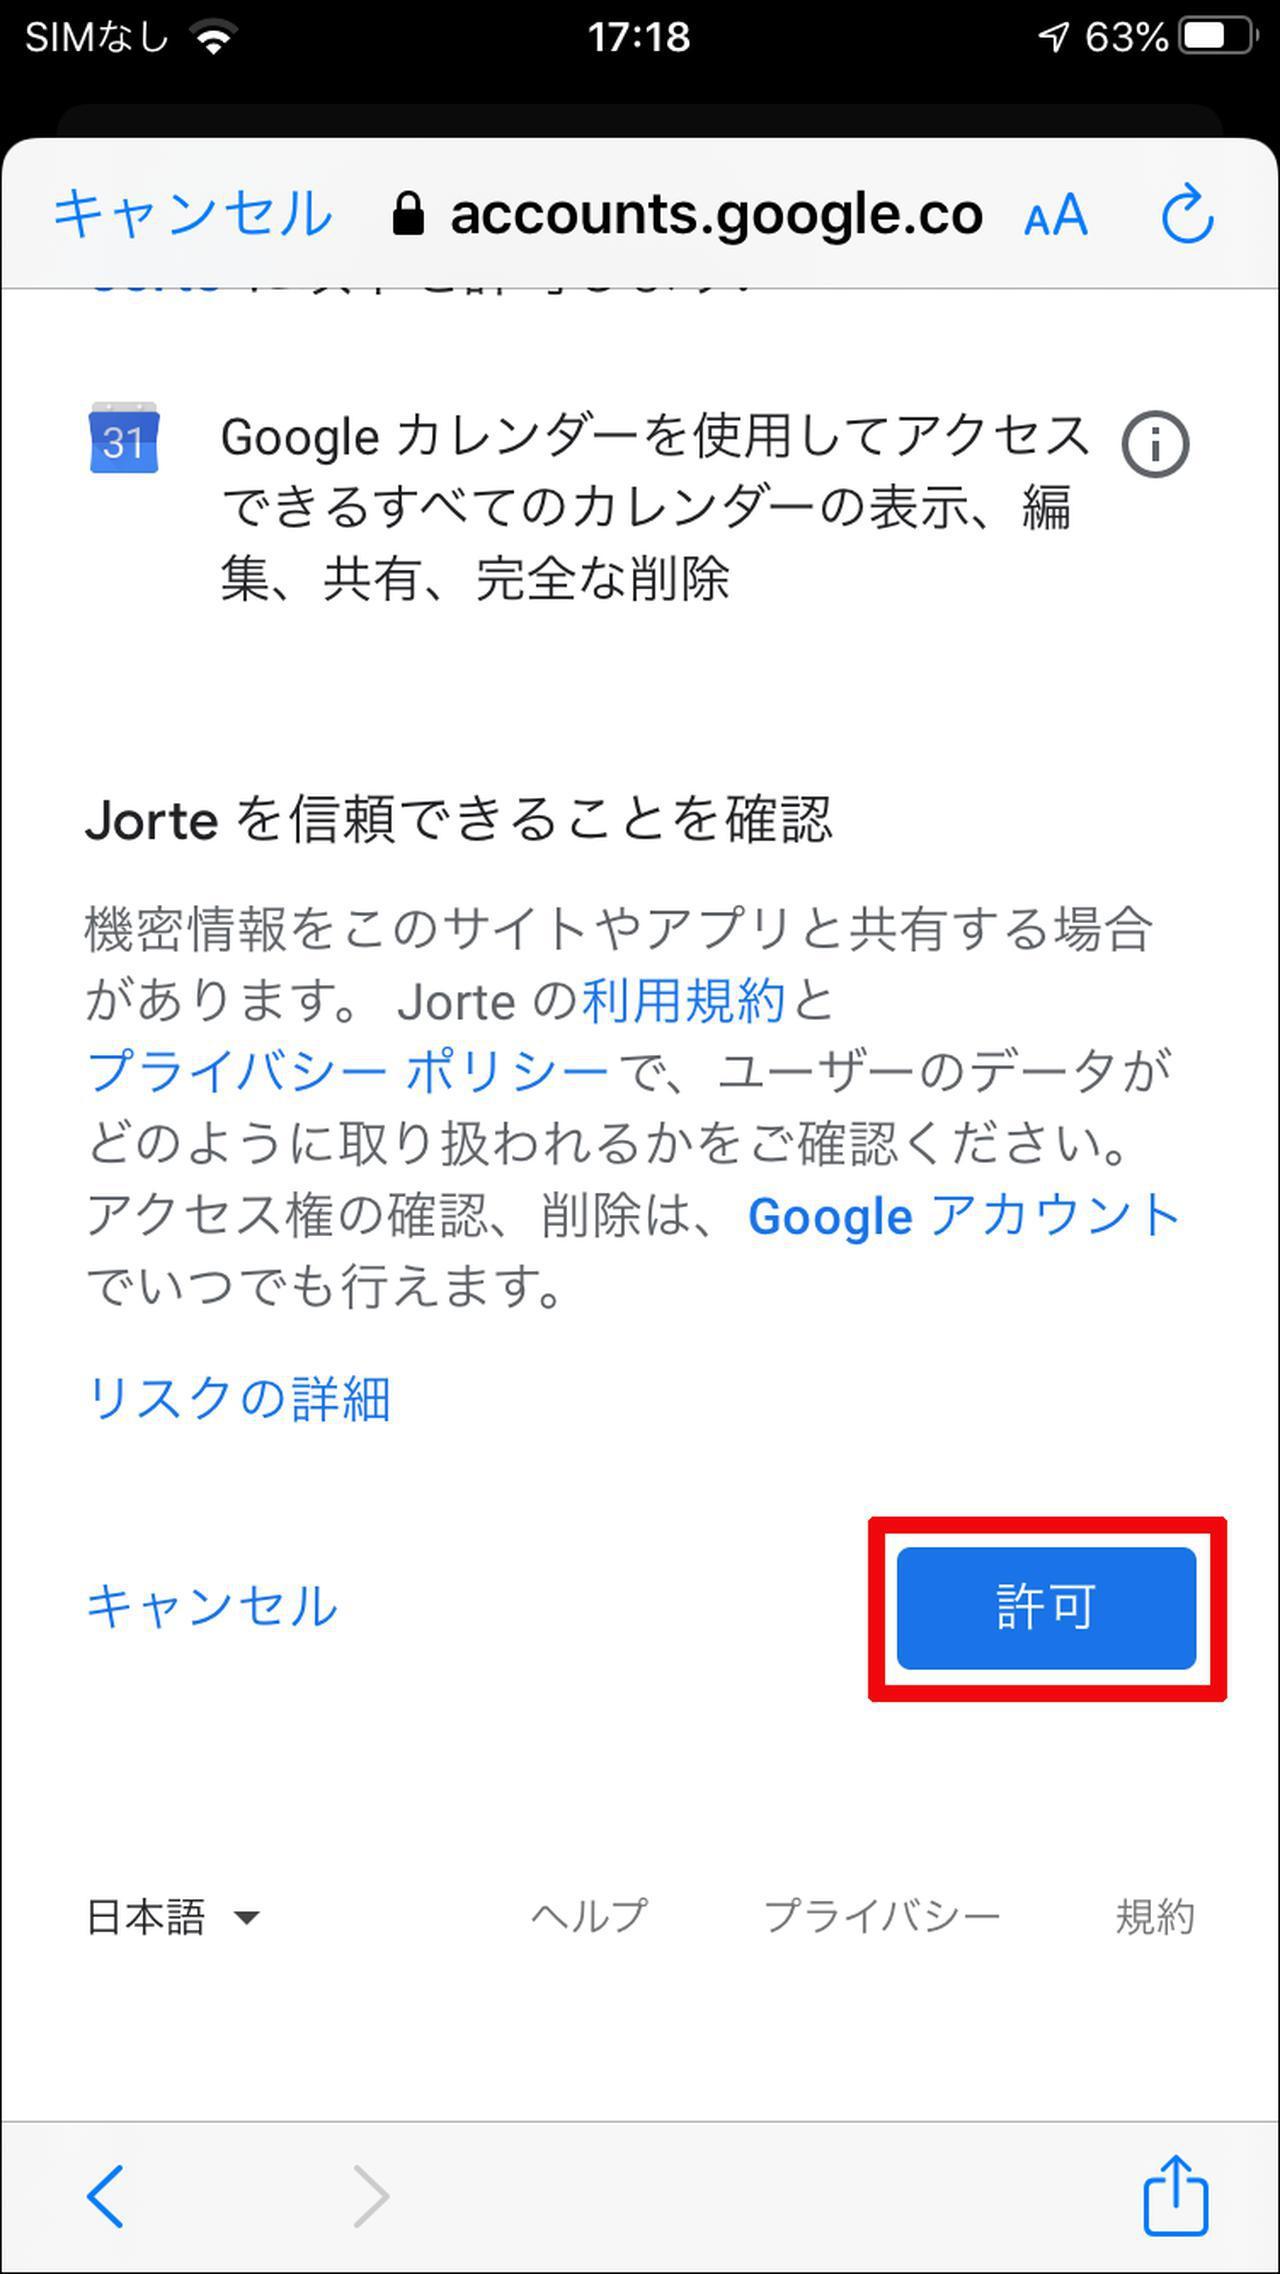 画像16: 【ジョルテクラウドとは】共有・同期など人気カレンダーアプリのワンランク上の機能を解説!